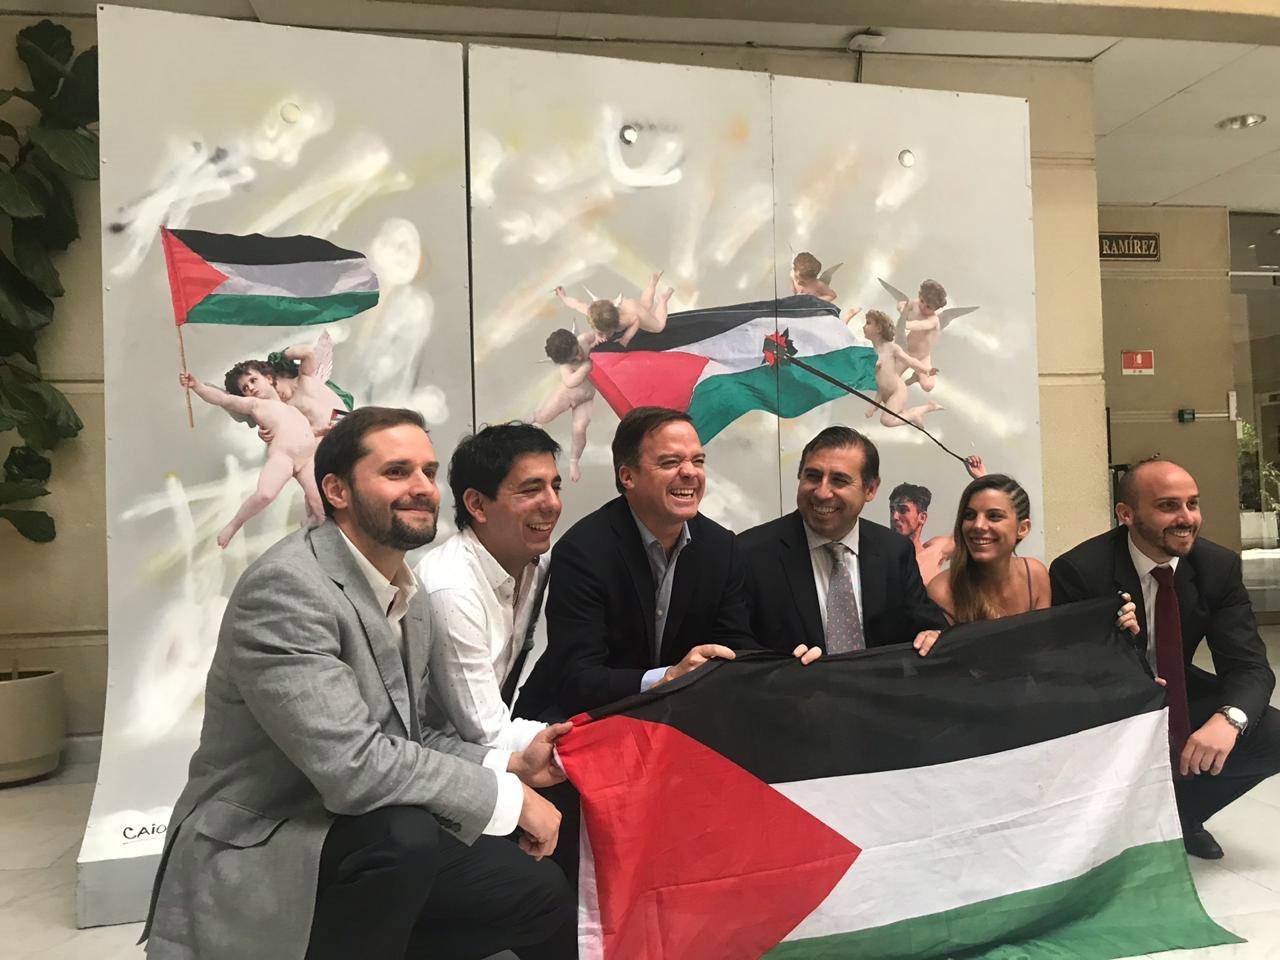 בישראל מסרבים לסמן מוצרים מההתנחלויות ובצ'ילה מקדמים איסור על היבוא מהן